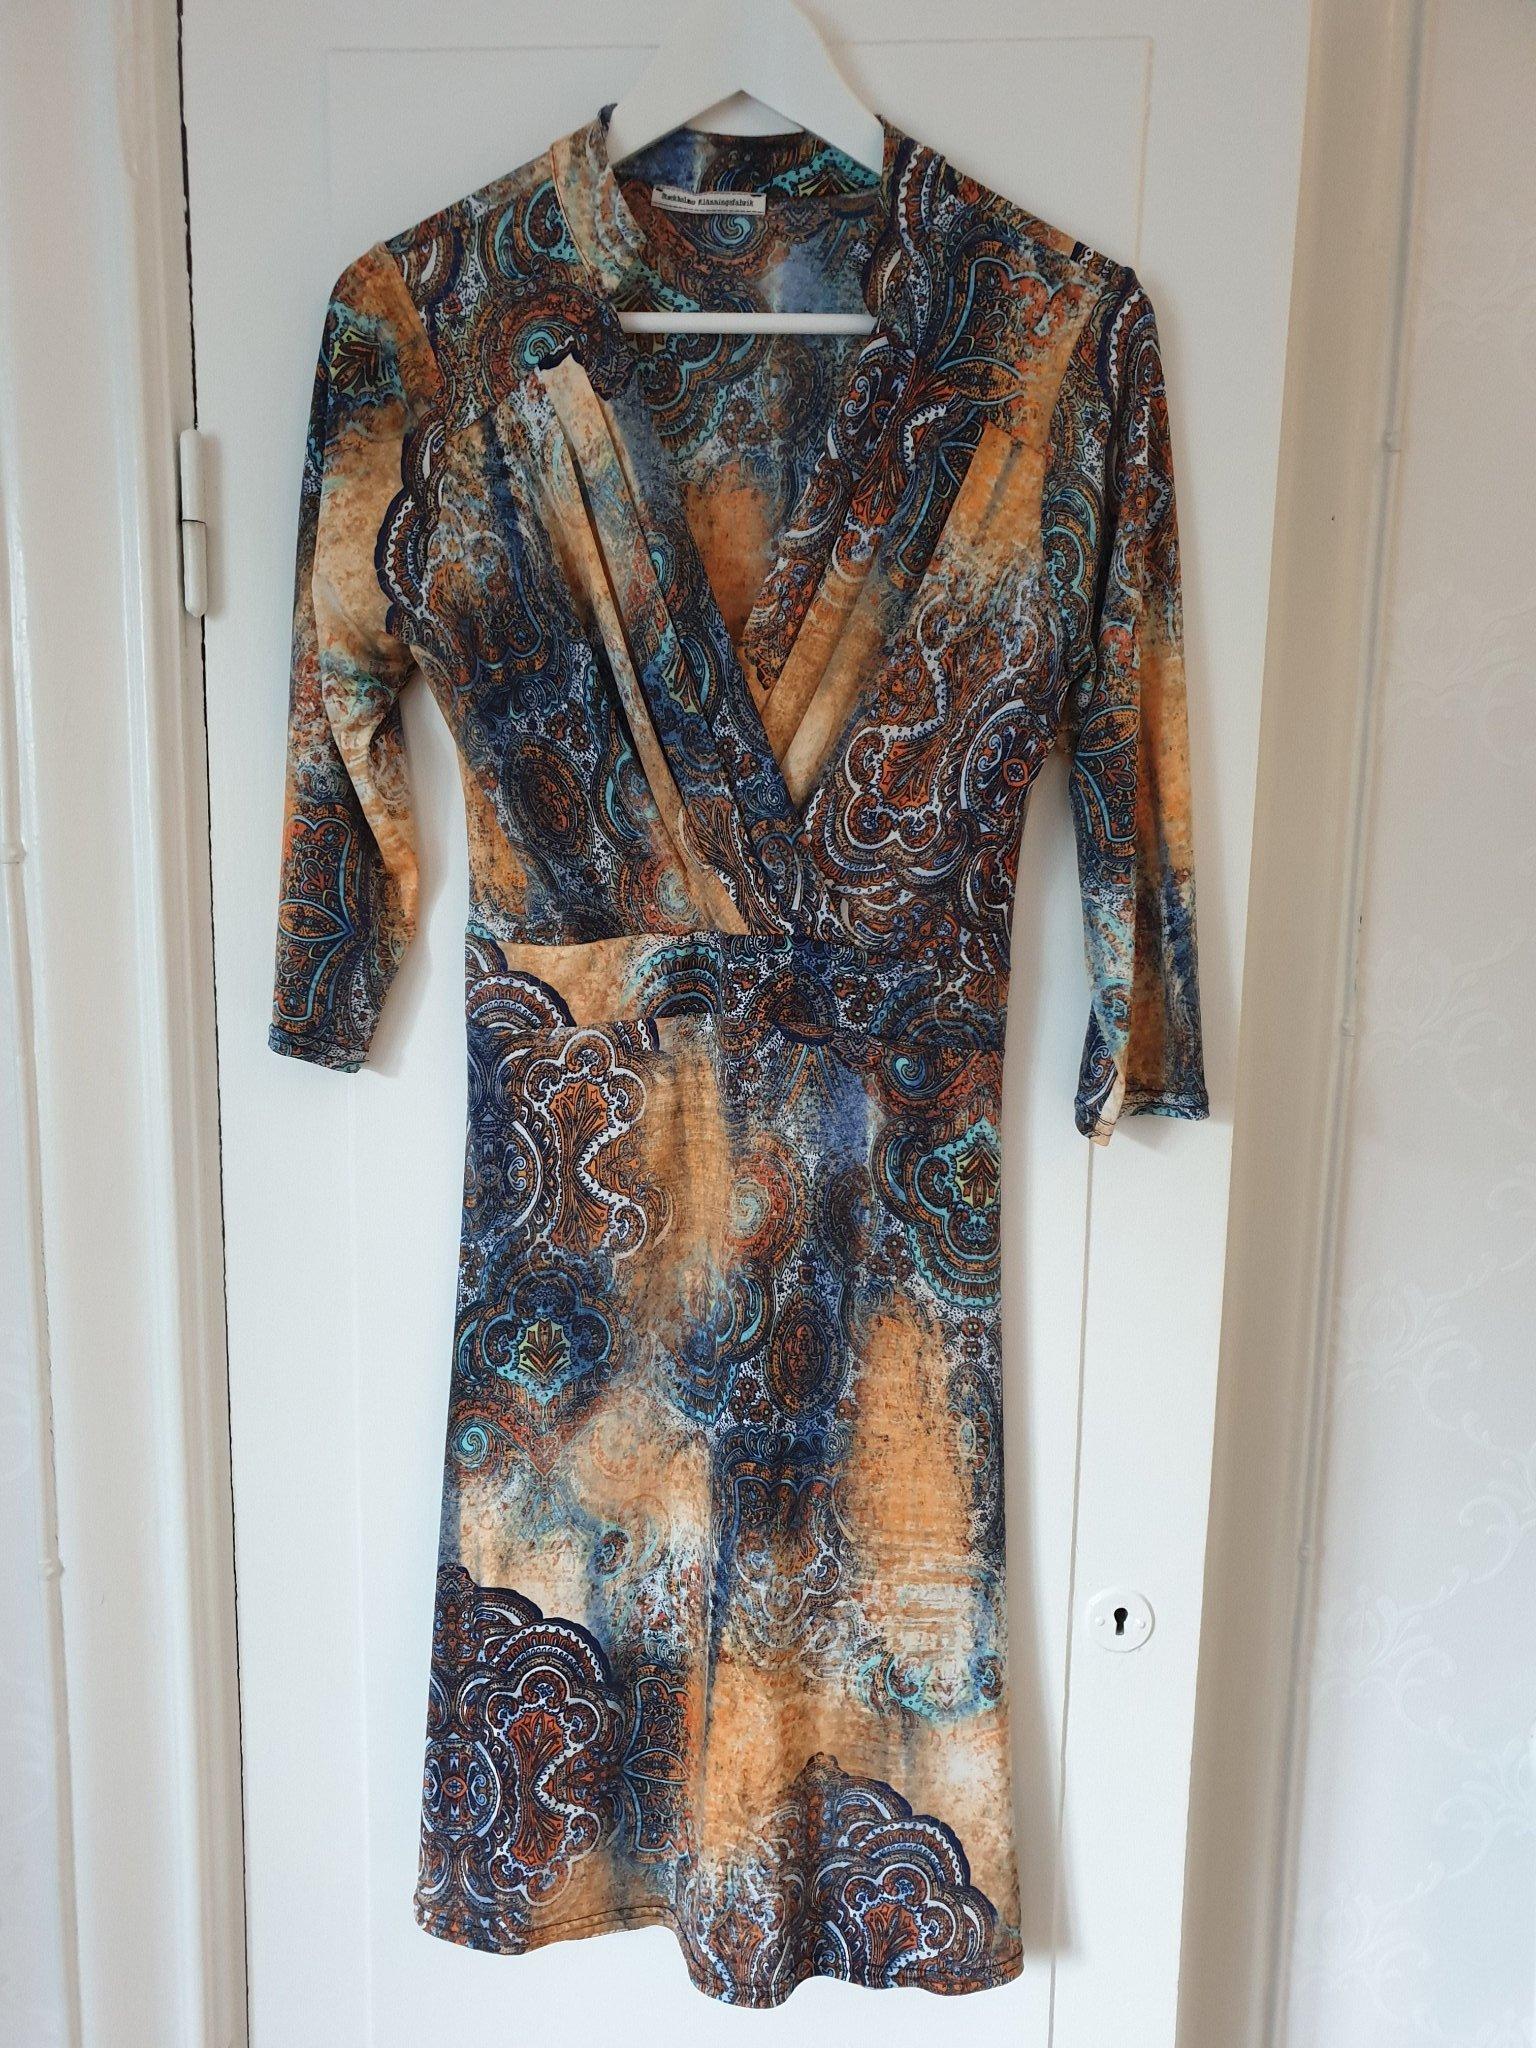 8143b9b0b798 Stockholms klänningsfabrik, stl M (355954160) ᐈ Köp på Tradera